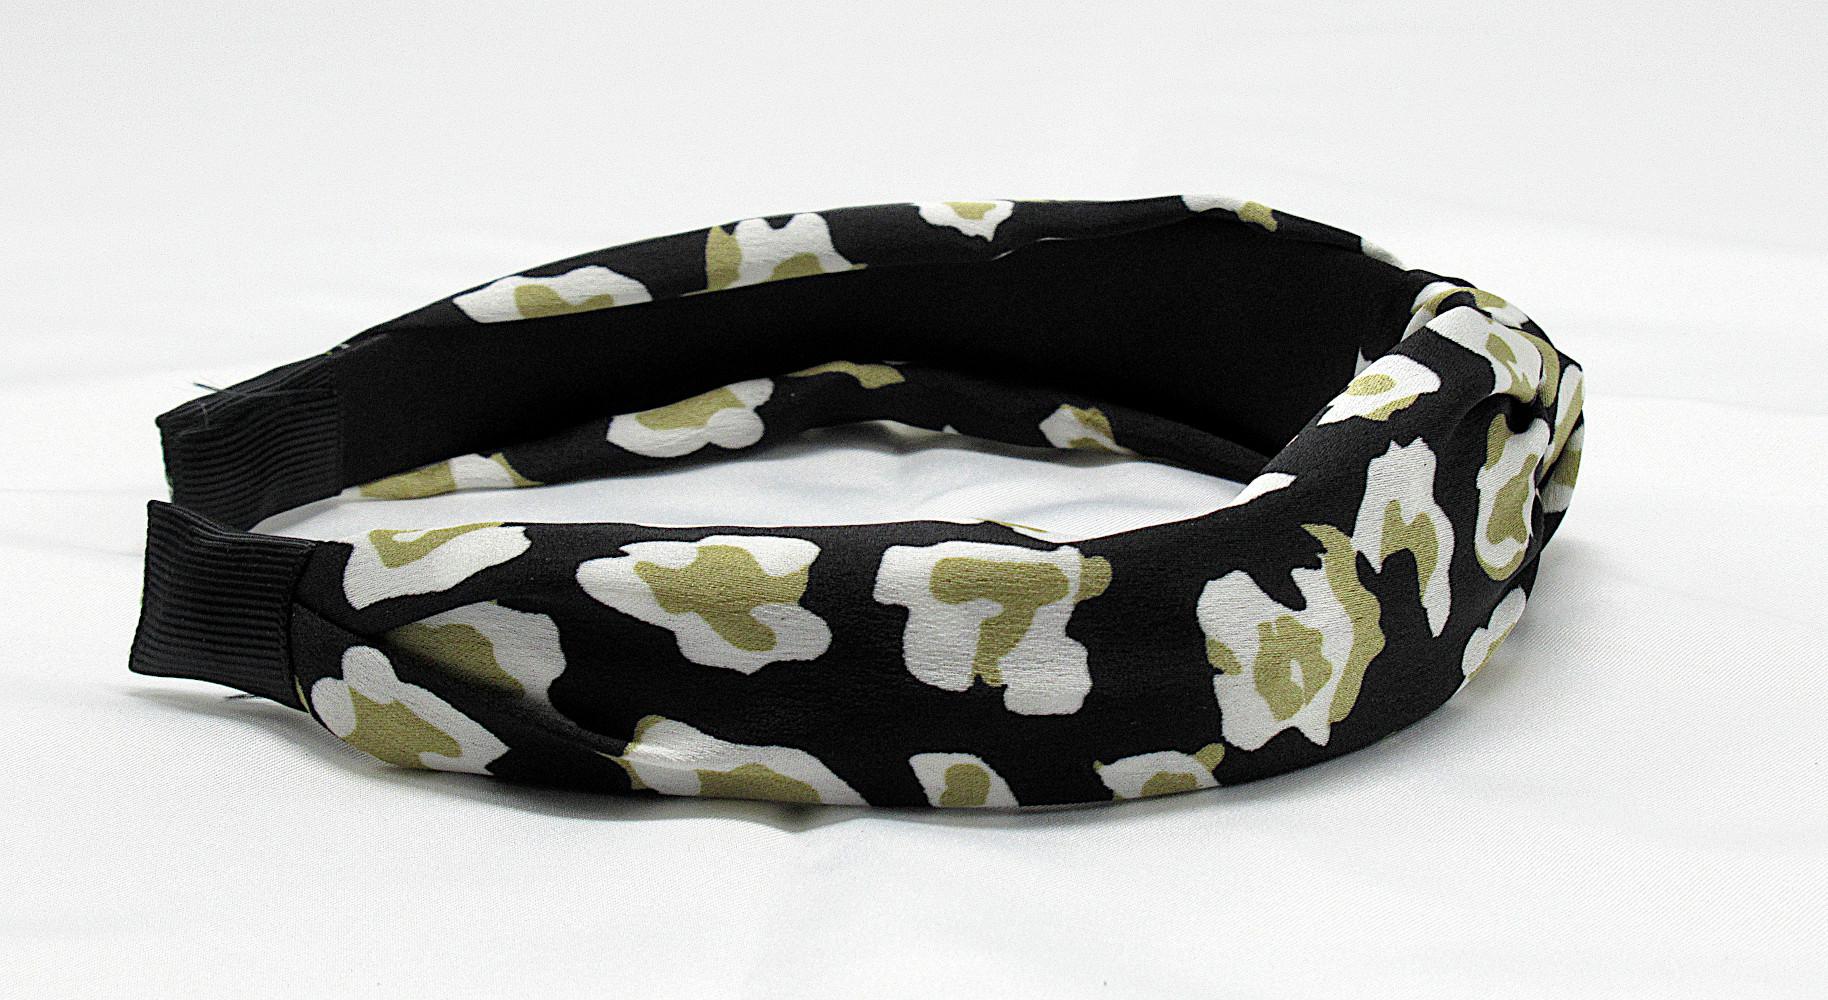 RJ-HB01_Leopard Print Knotted Headband-Black1